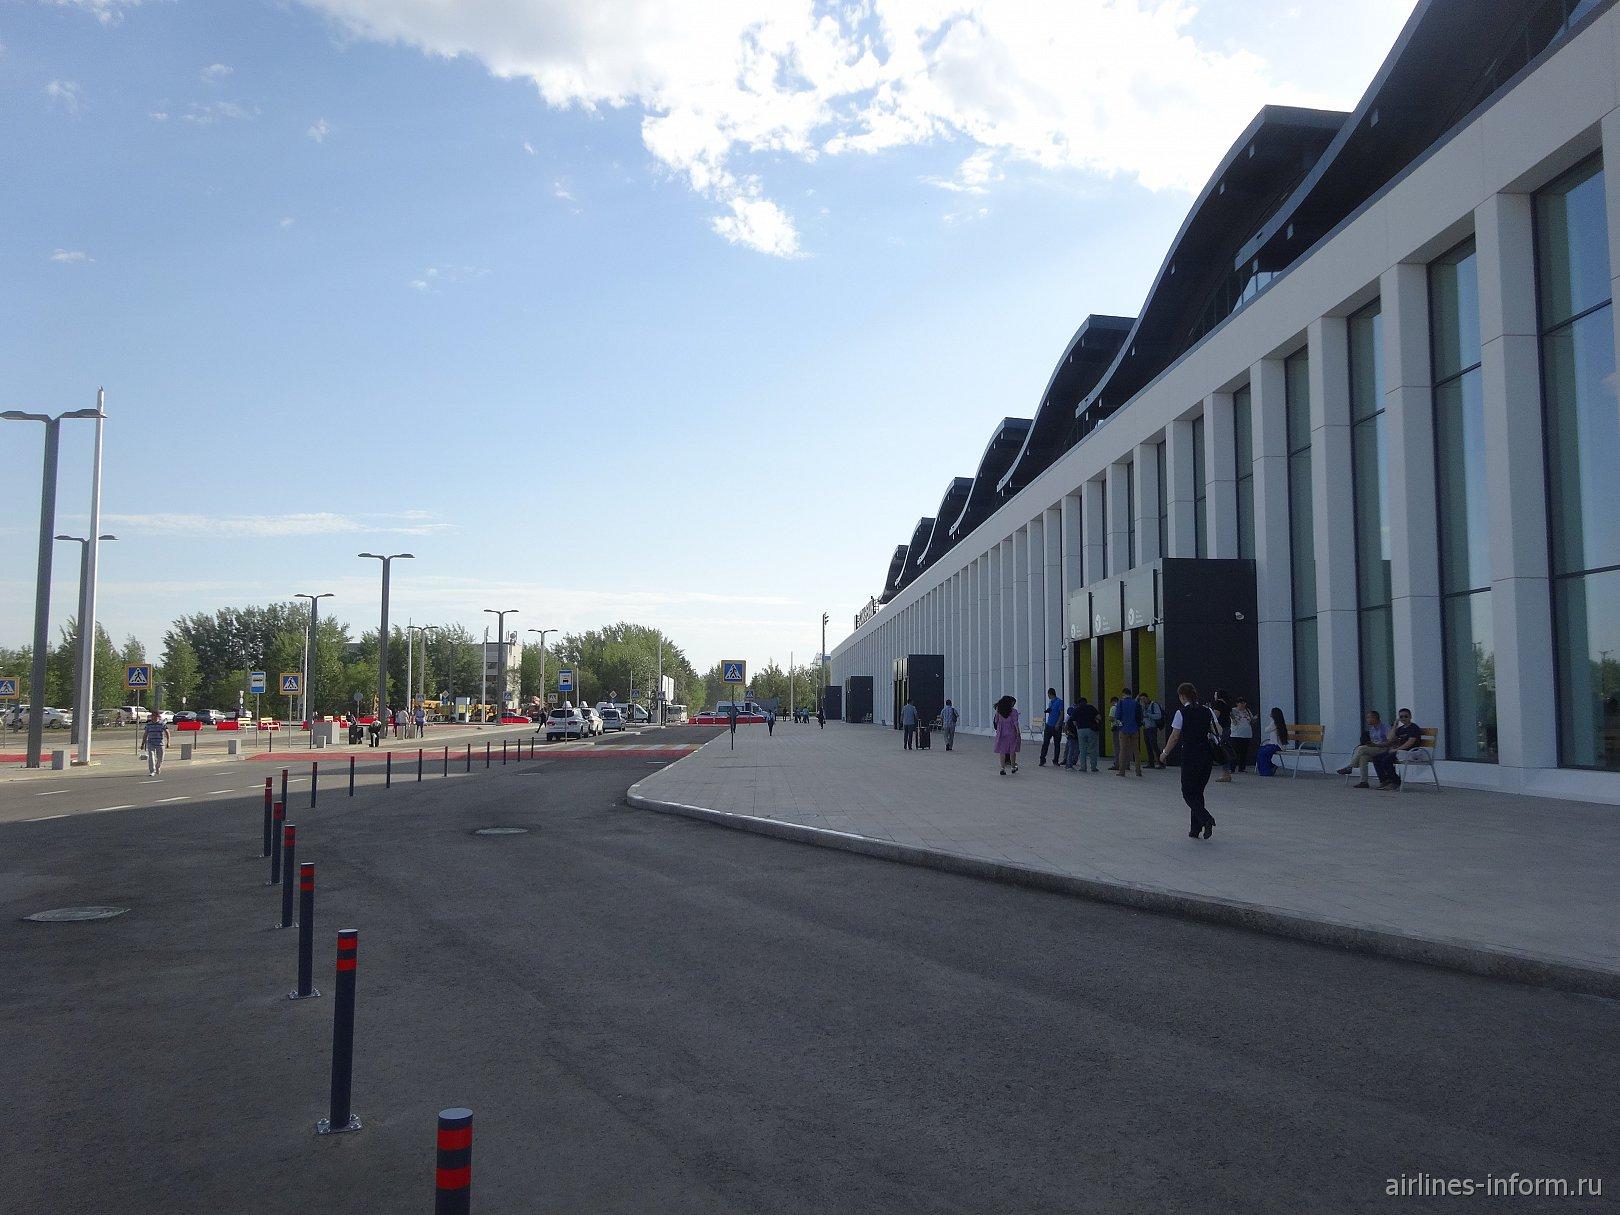 Привокзальная площадь у нового терминала 1 аэропорта Астаны